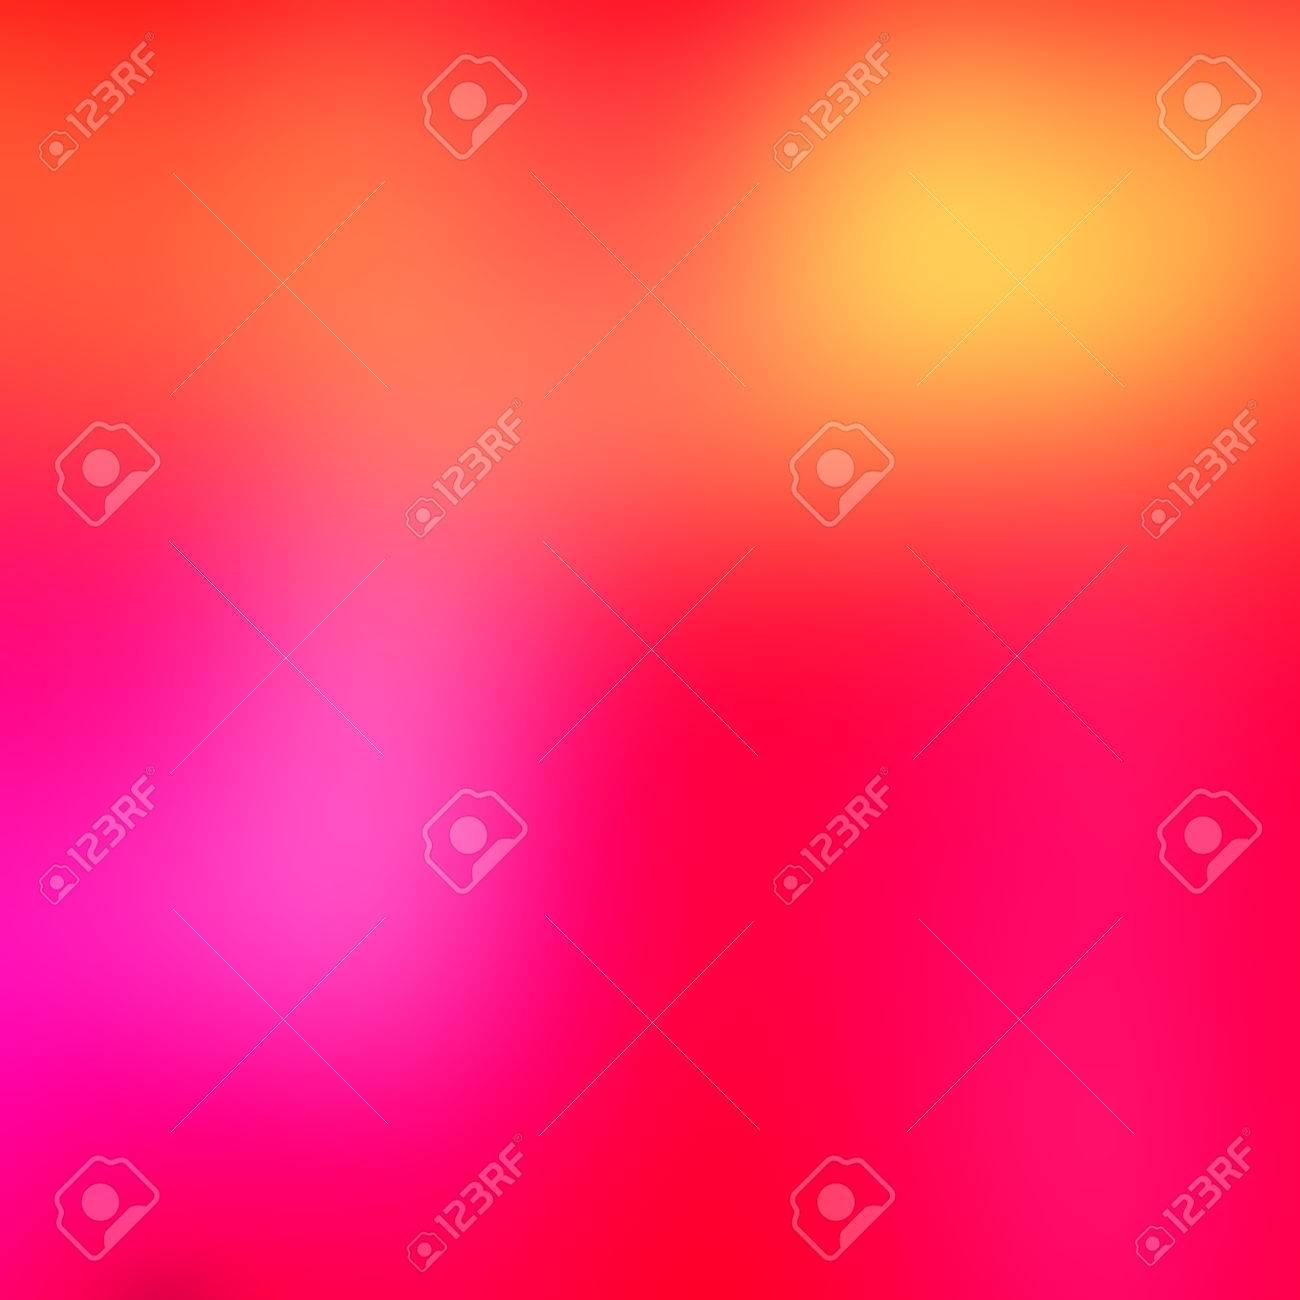 Fondo Abstracto Multicolor Degradado Con Colores Rosa Rojo Amarillo Y Naranja Calido Concepto De Fondo De Color